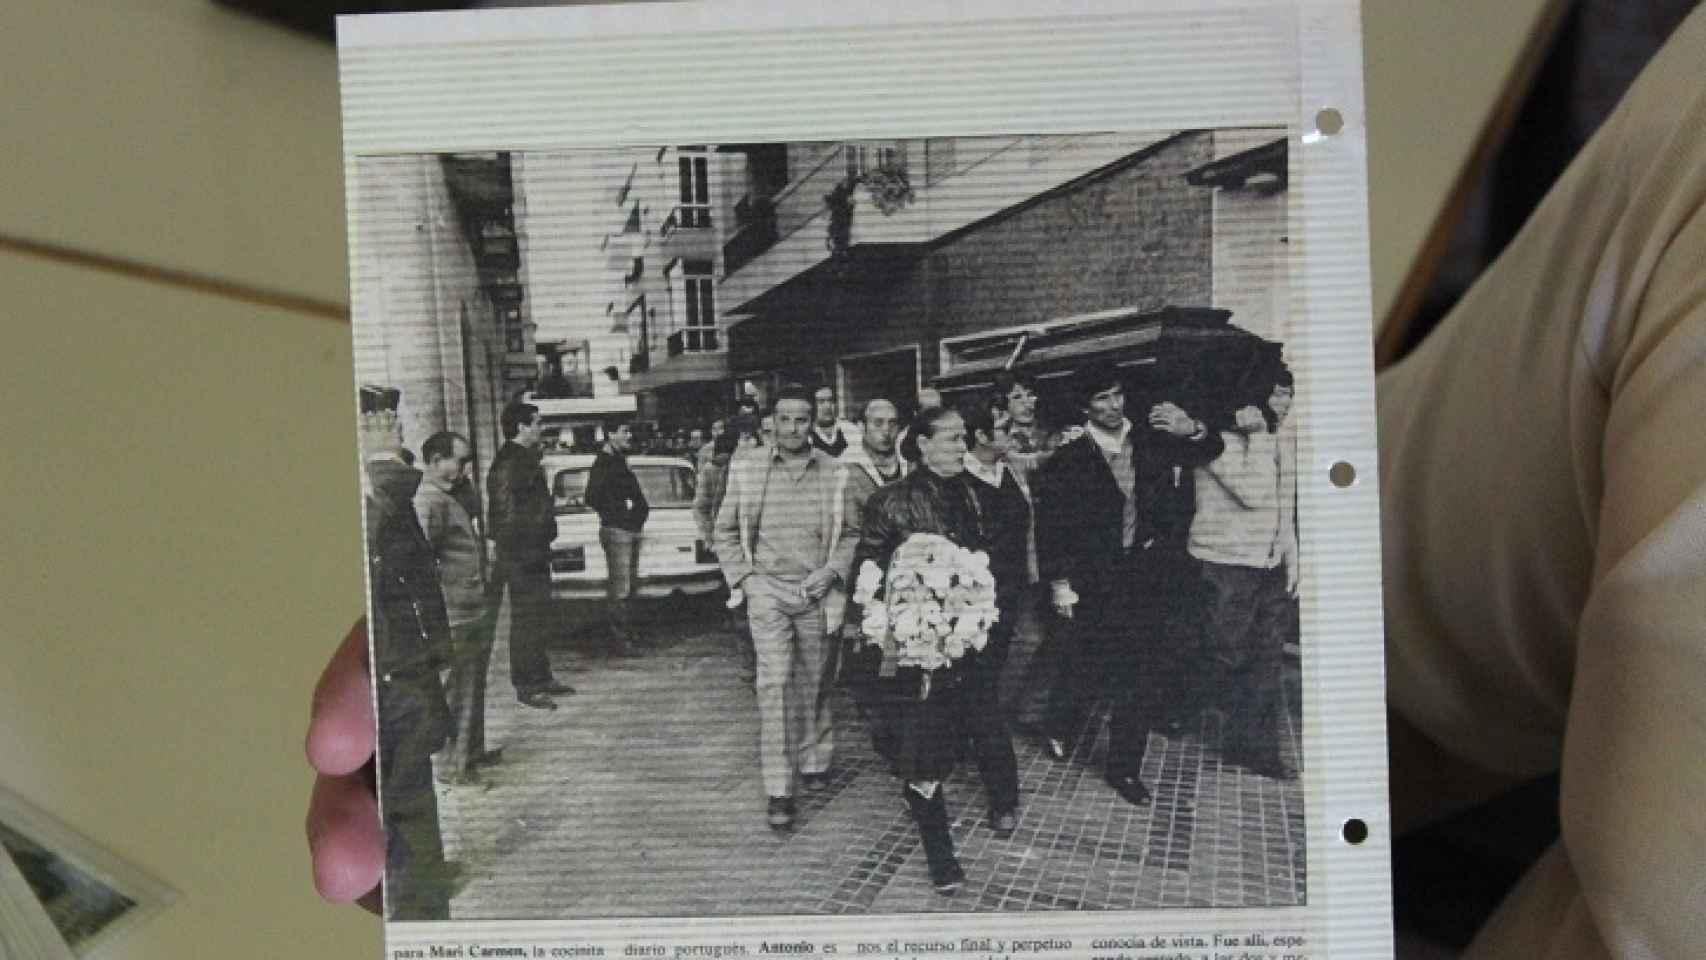 María la Portuguesa, liderando el cortejo fúnebre de su amado, con una corona de flores.